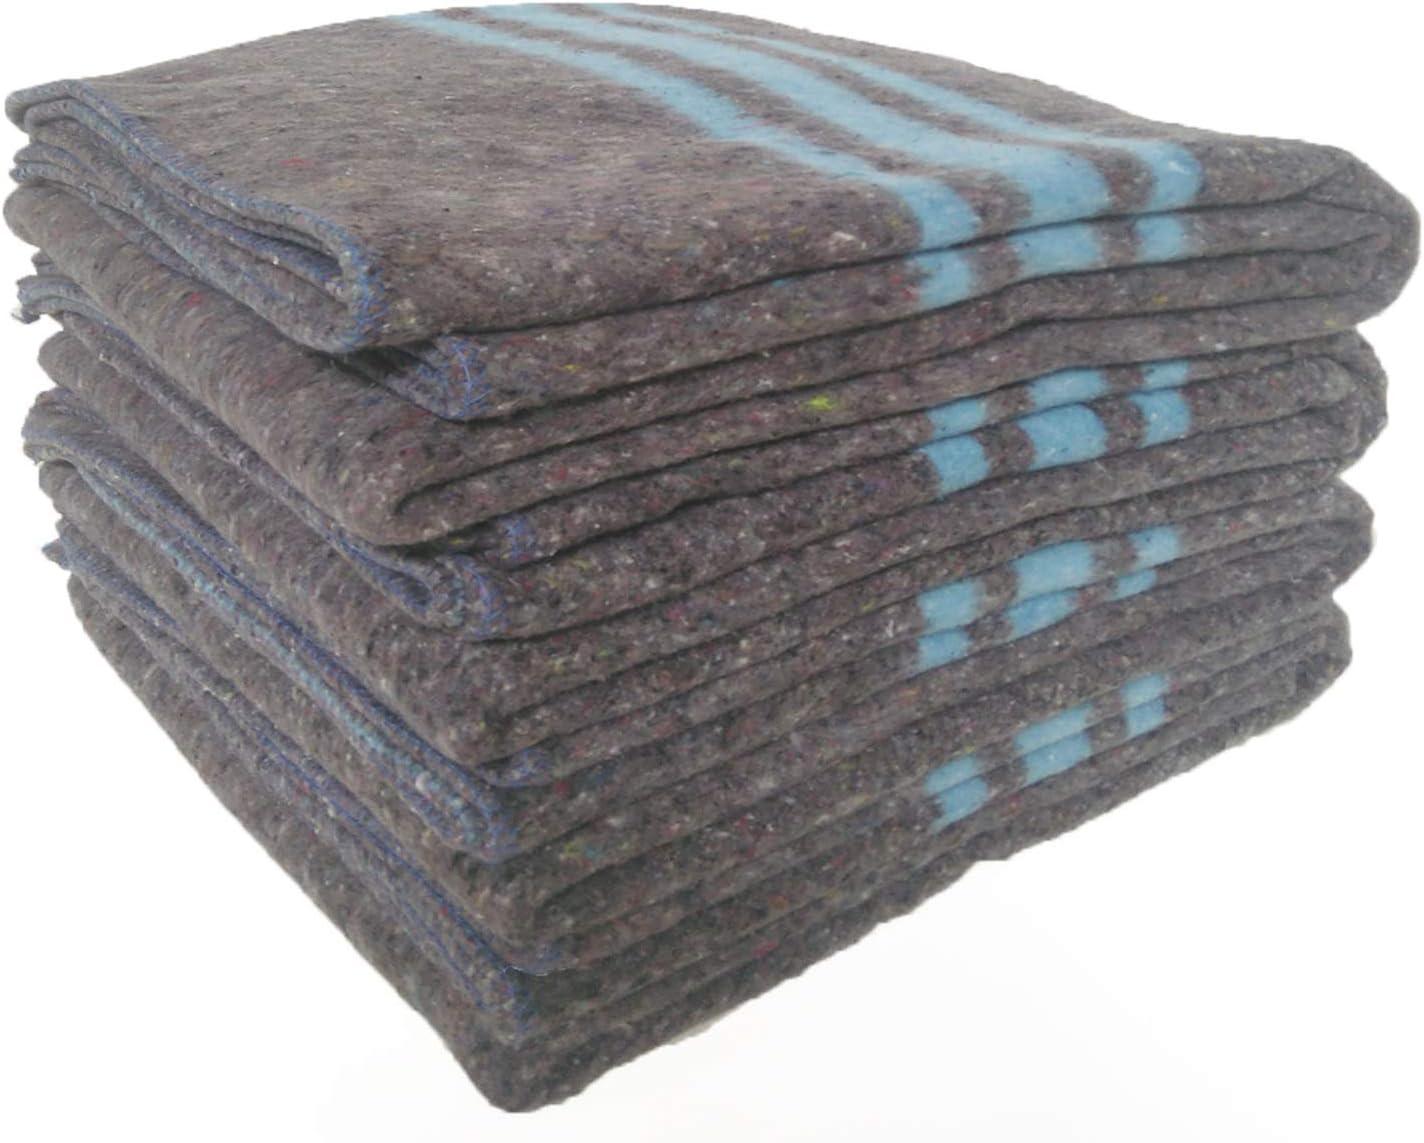 pack 4 mantas Mantas Mudanzas 140x200 gruesas Fabricadas en Espa/ña azul Sanz Marti